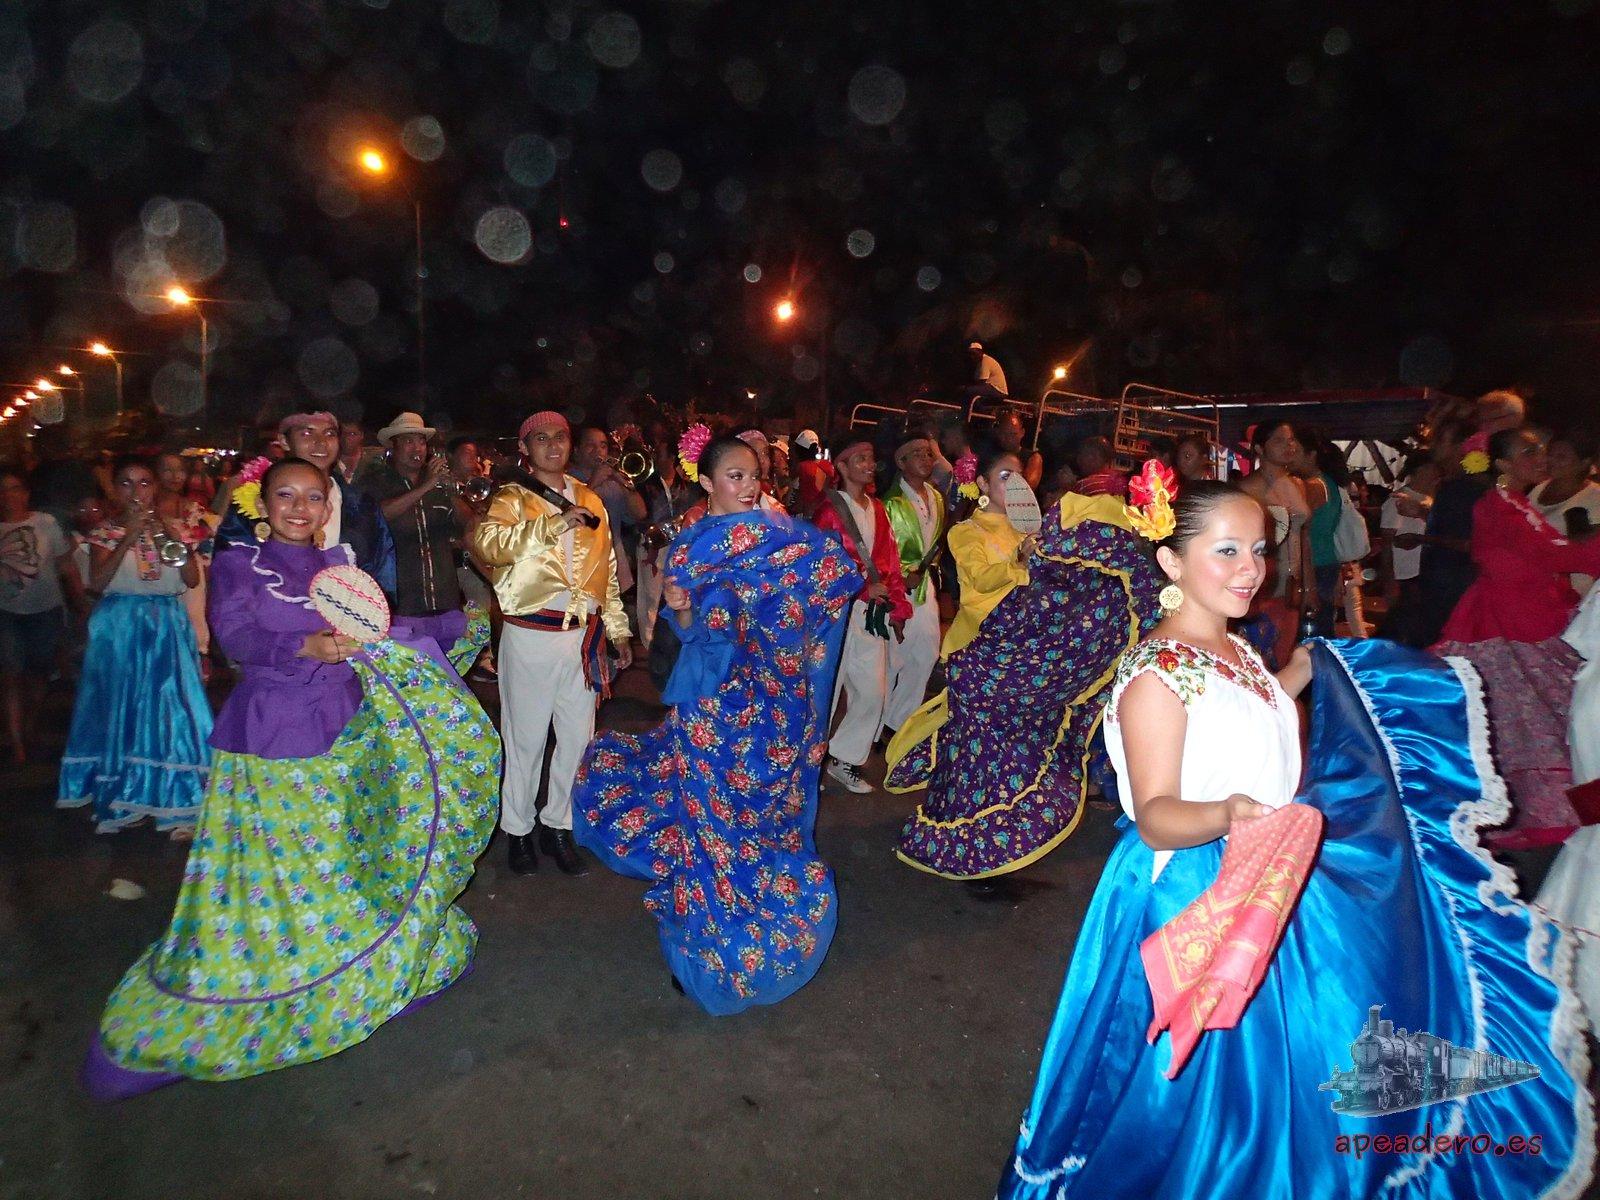 Pasacalles en Cienfuegos el día que visitamos el carnaval de La Habana y Cienfuegos